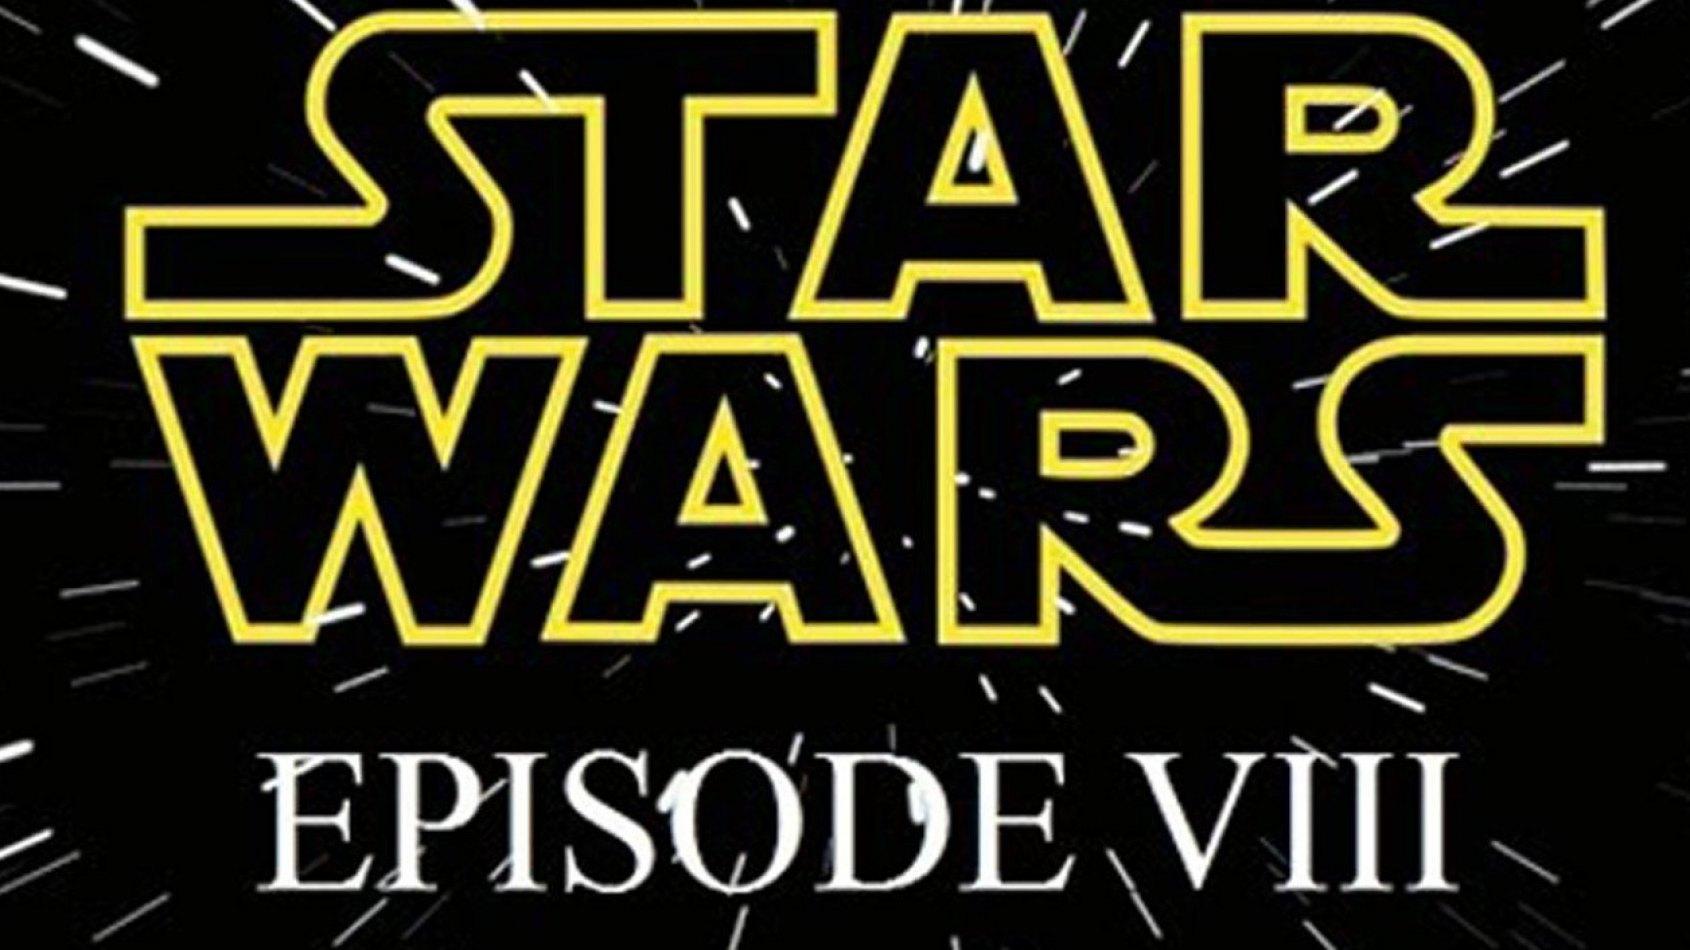 Le tournage de l'Episode VIII est terminé.